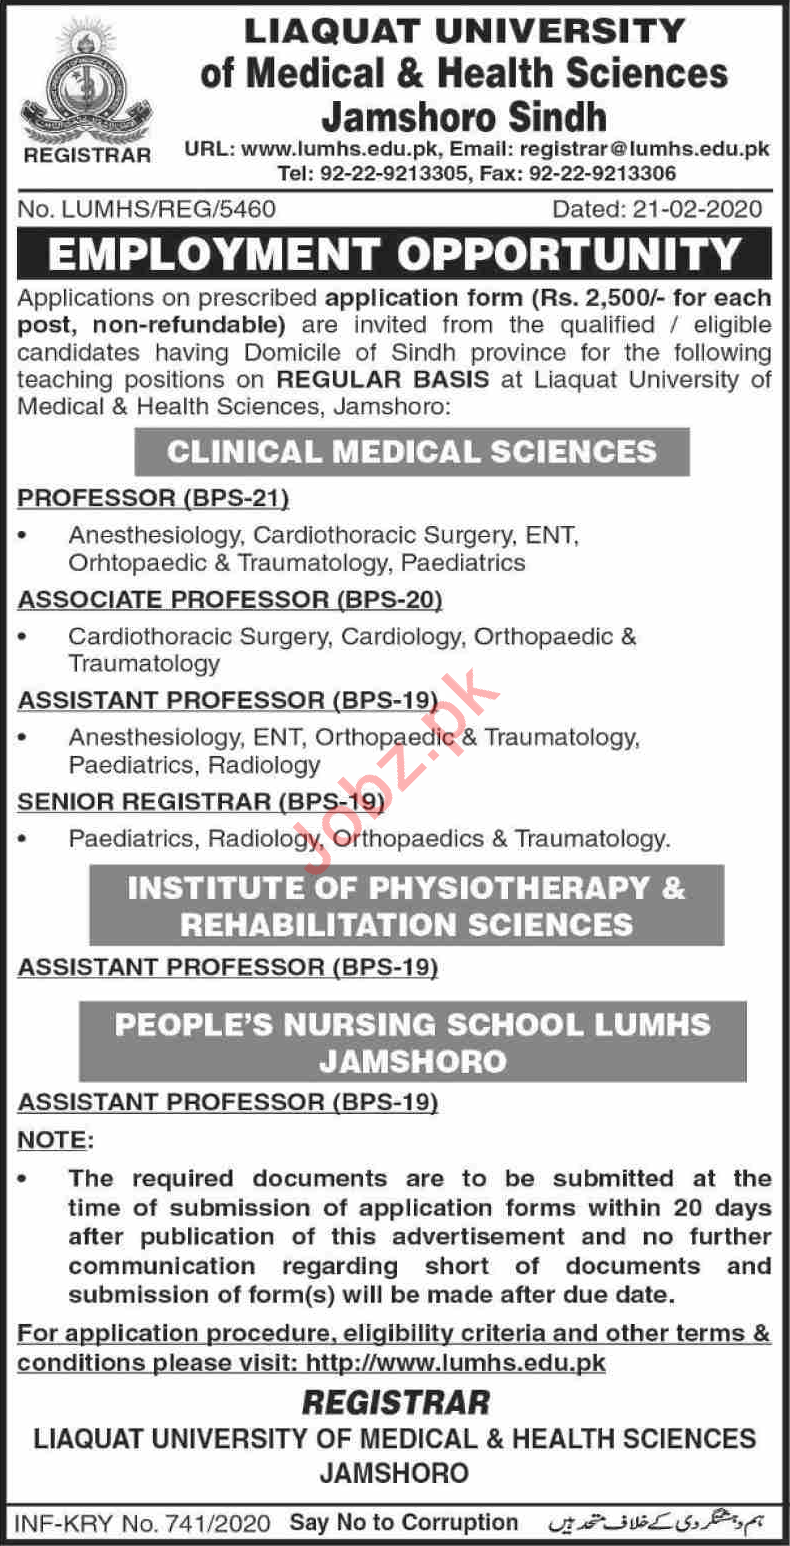 Liaquat University of Medical & Health Sciences Jobs 2020